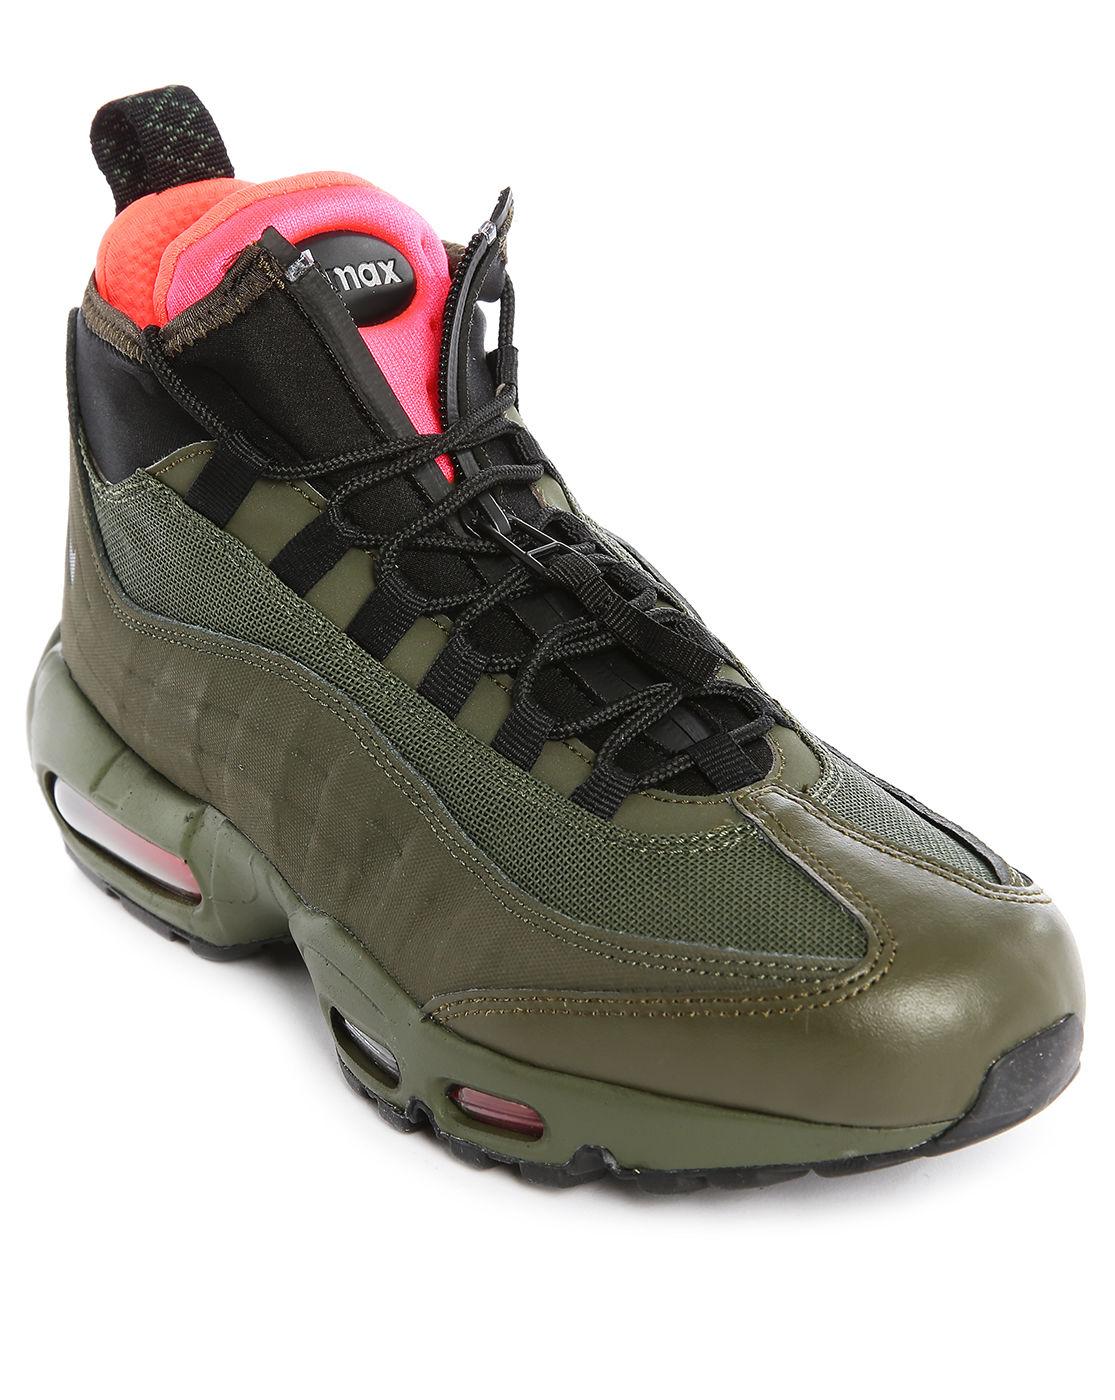 nike air max 95 sneakerboot groen